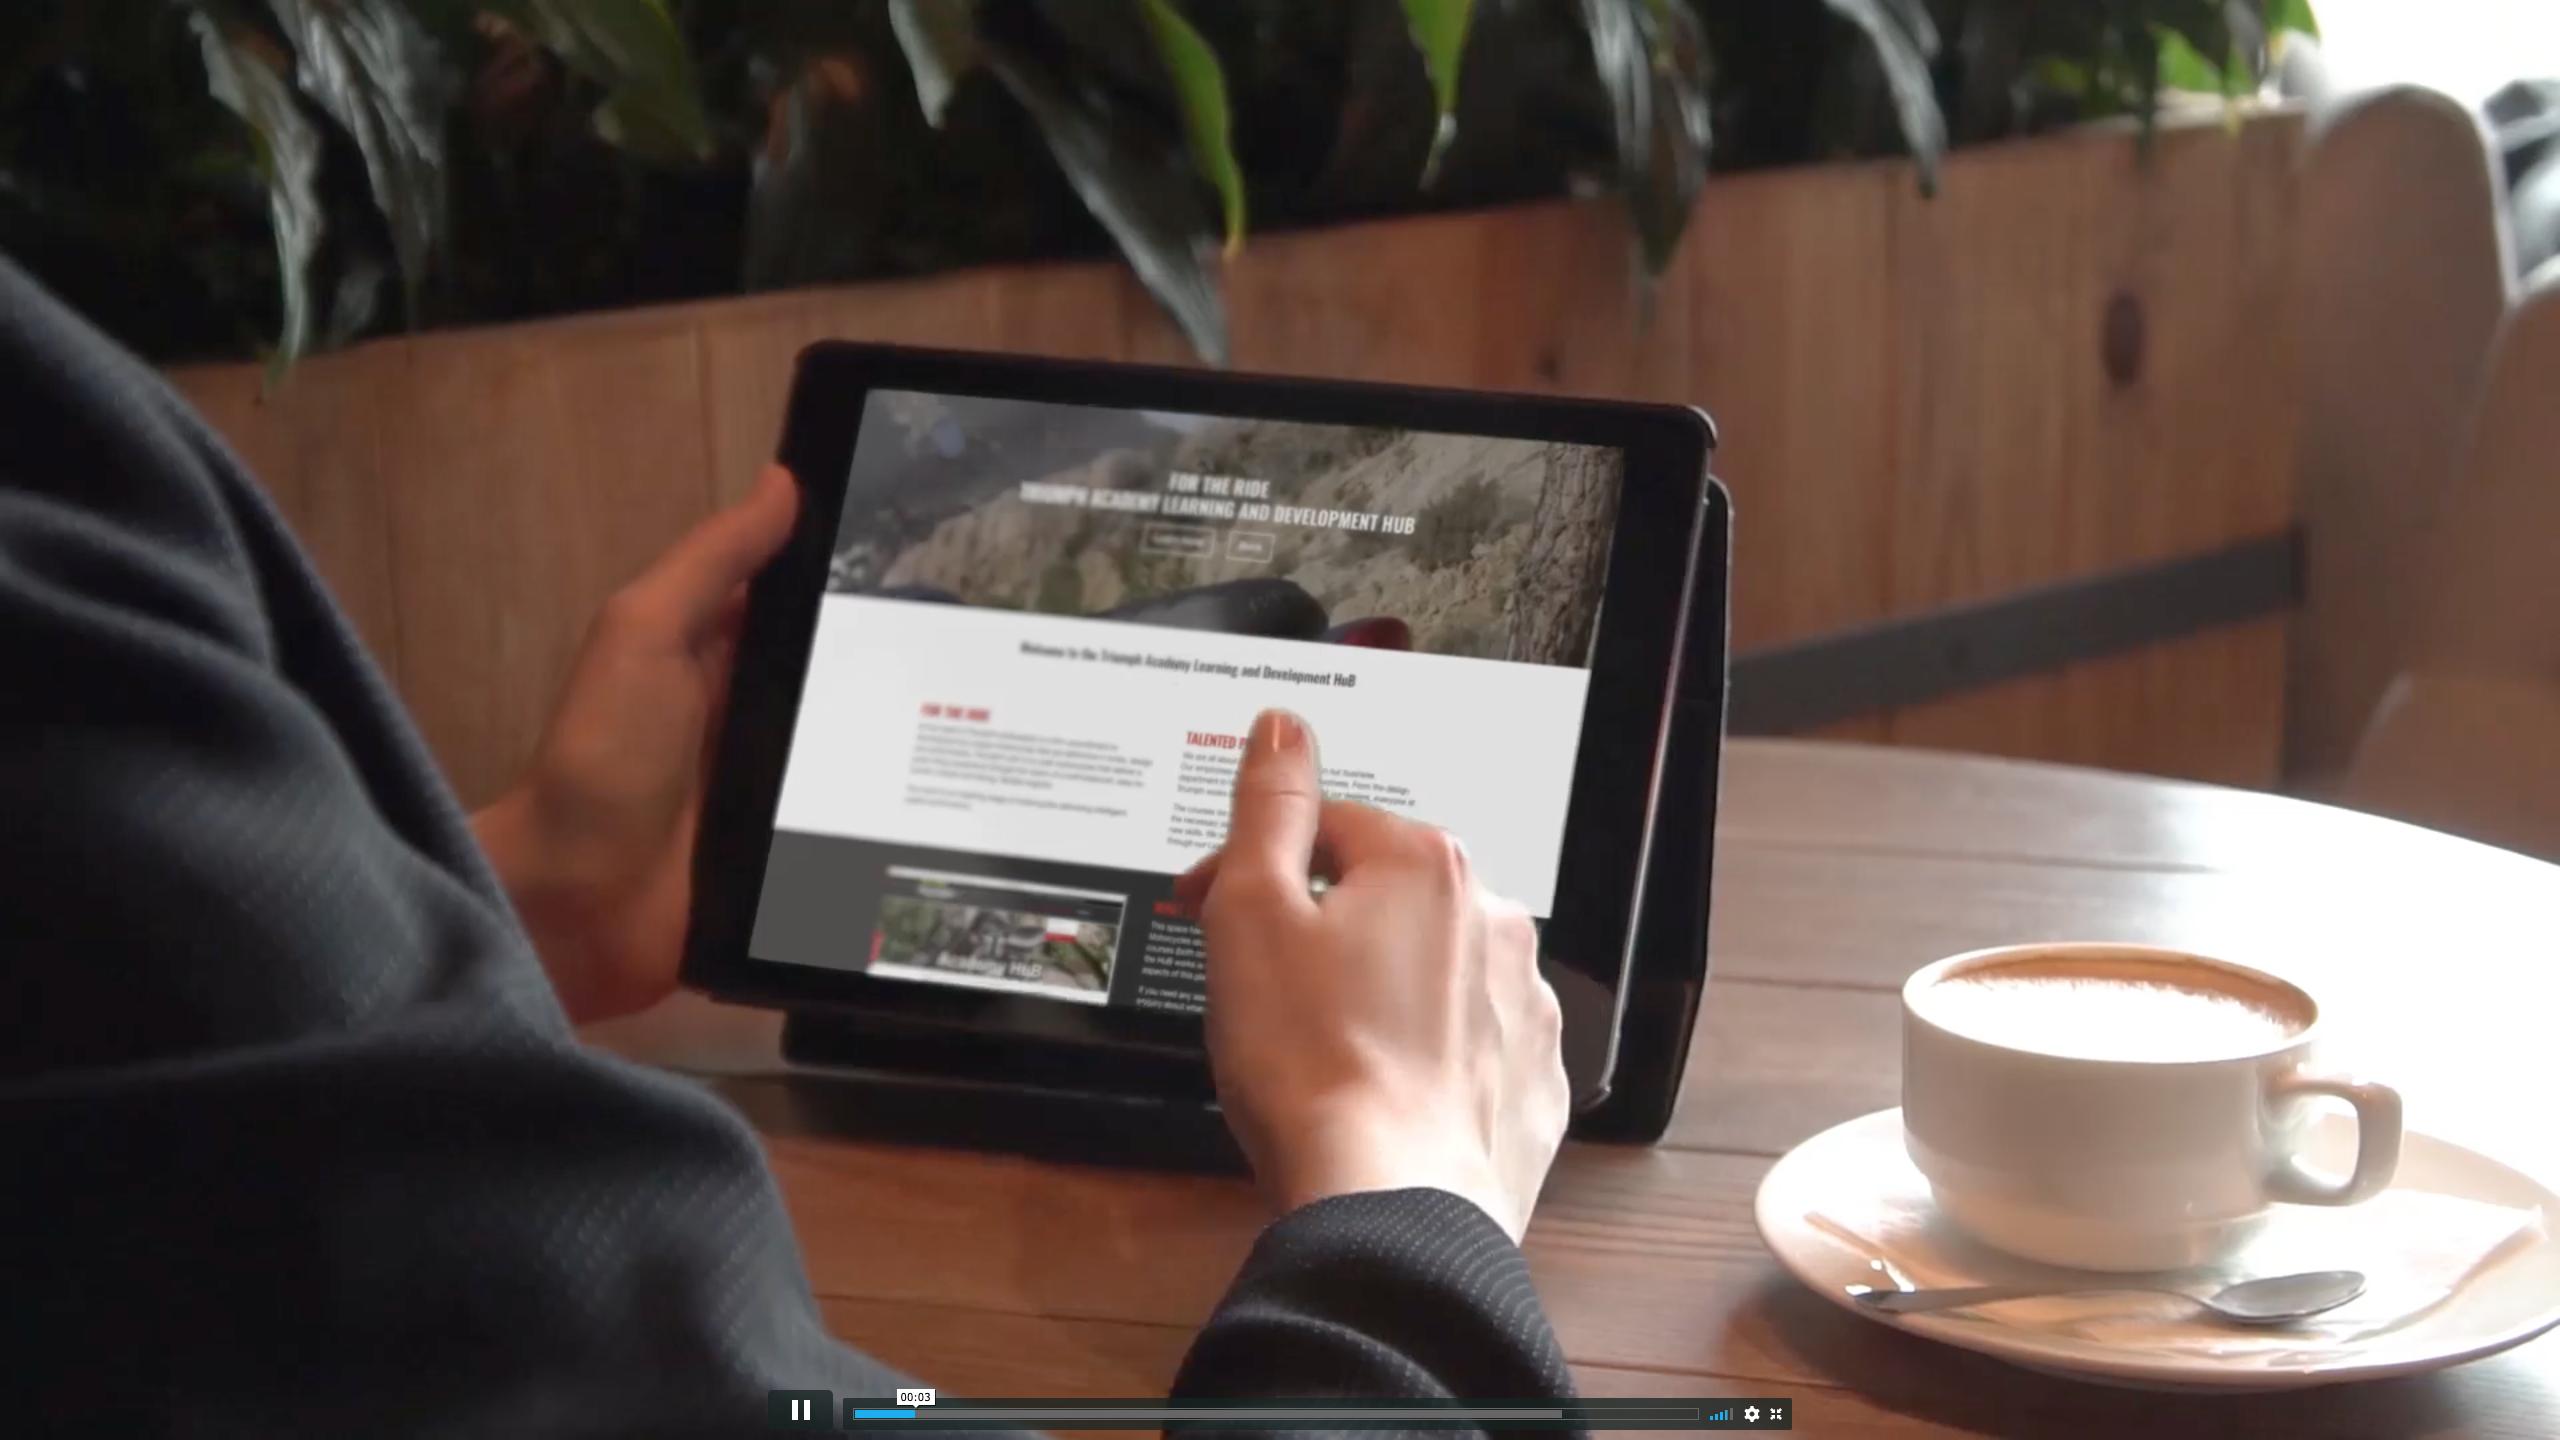 ted Digital - digital learning platform